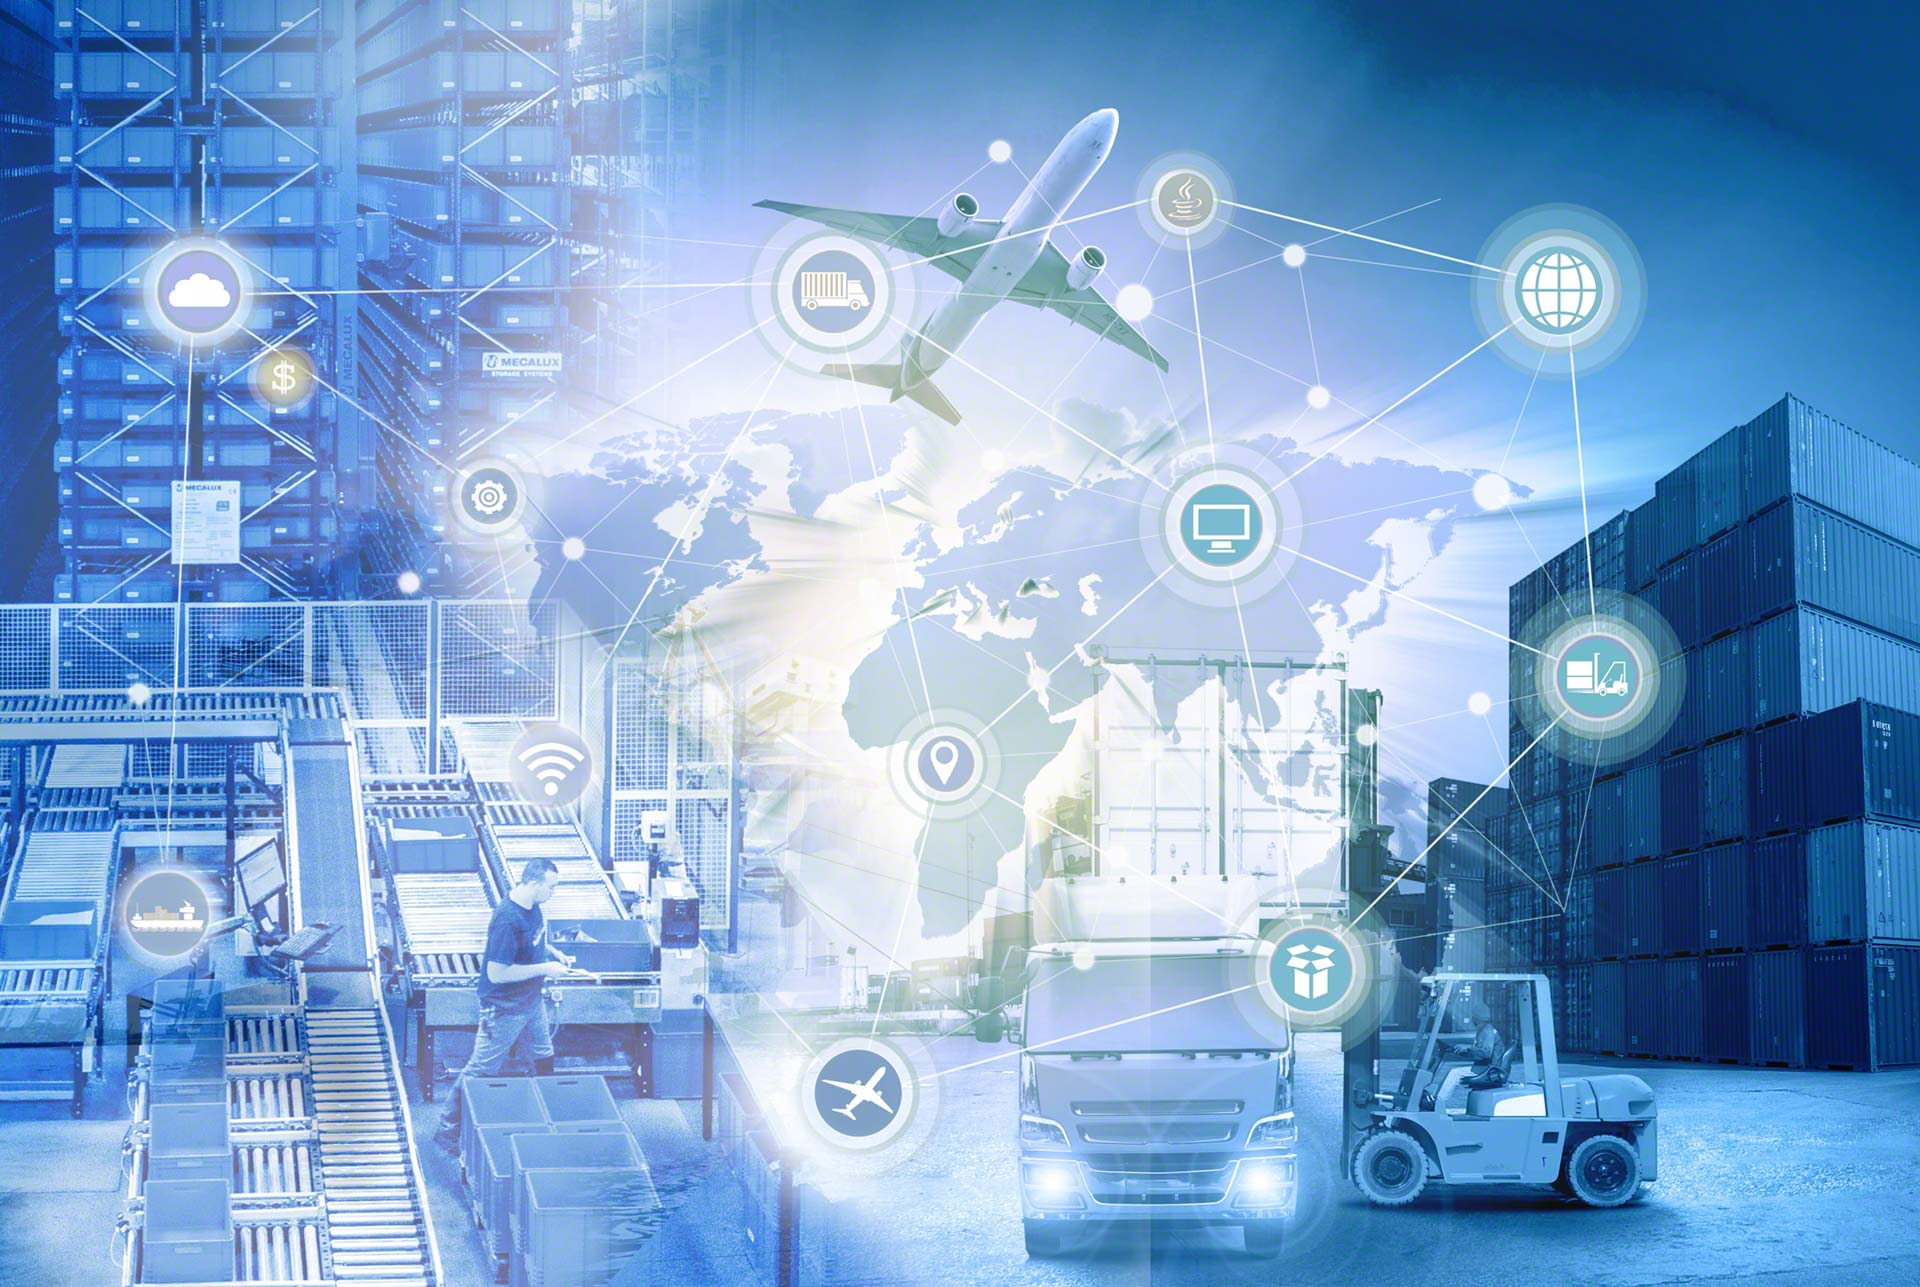 La Supply Chain 4.0 se constituye a partir de la implantación de nuevas tecnologías en uno o más eslabones de la cadena